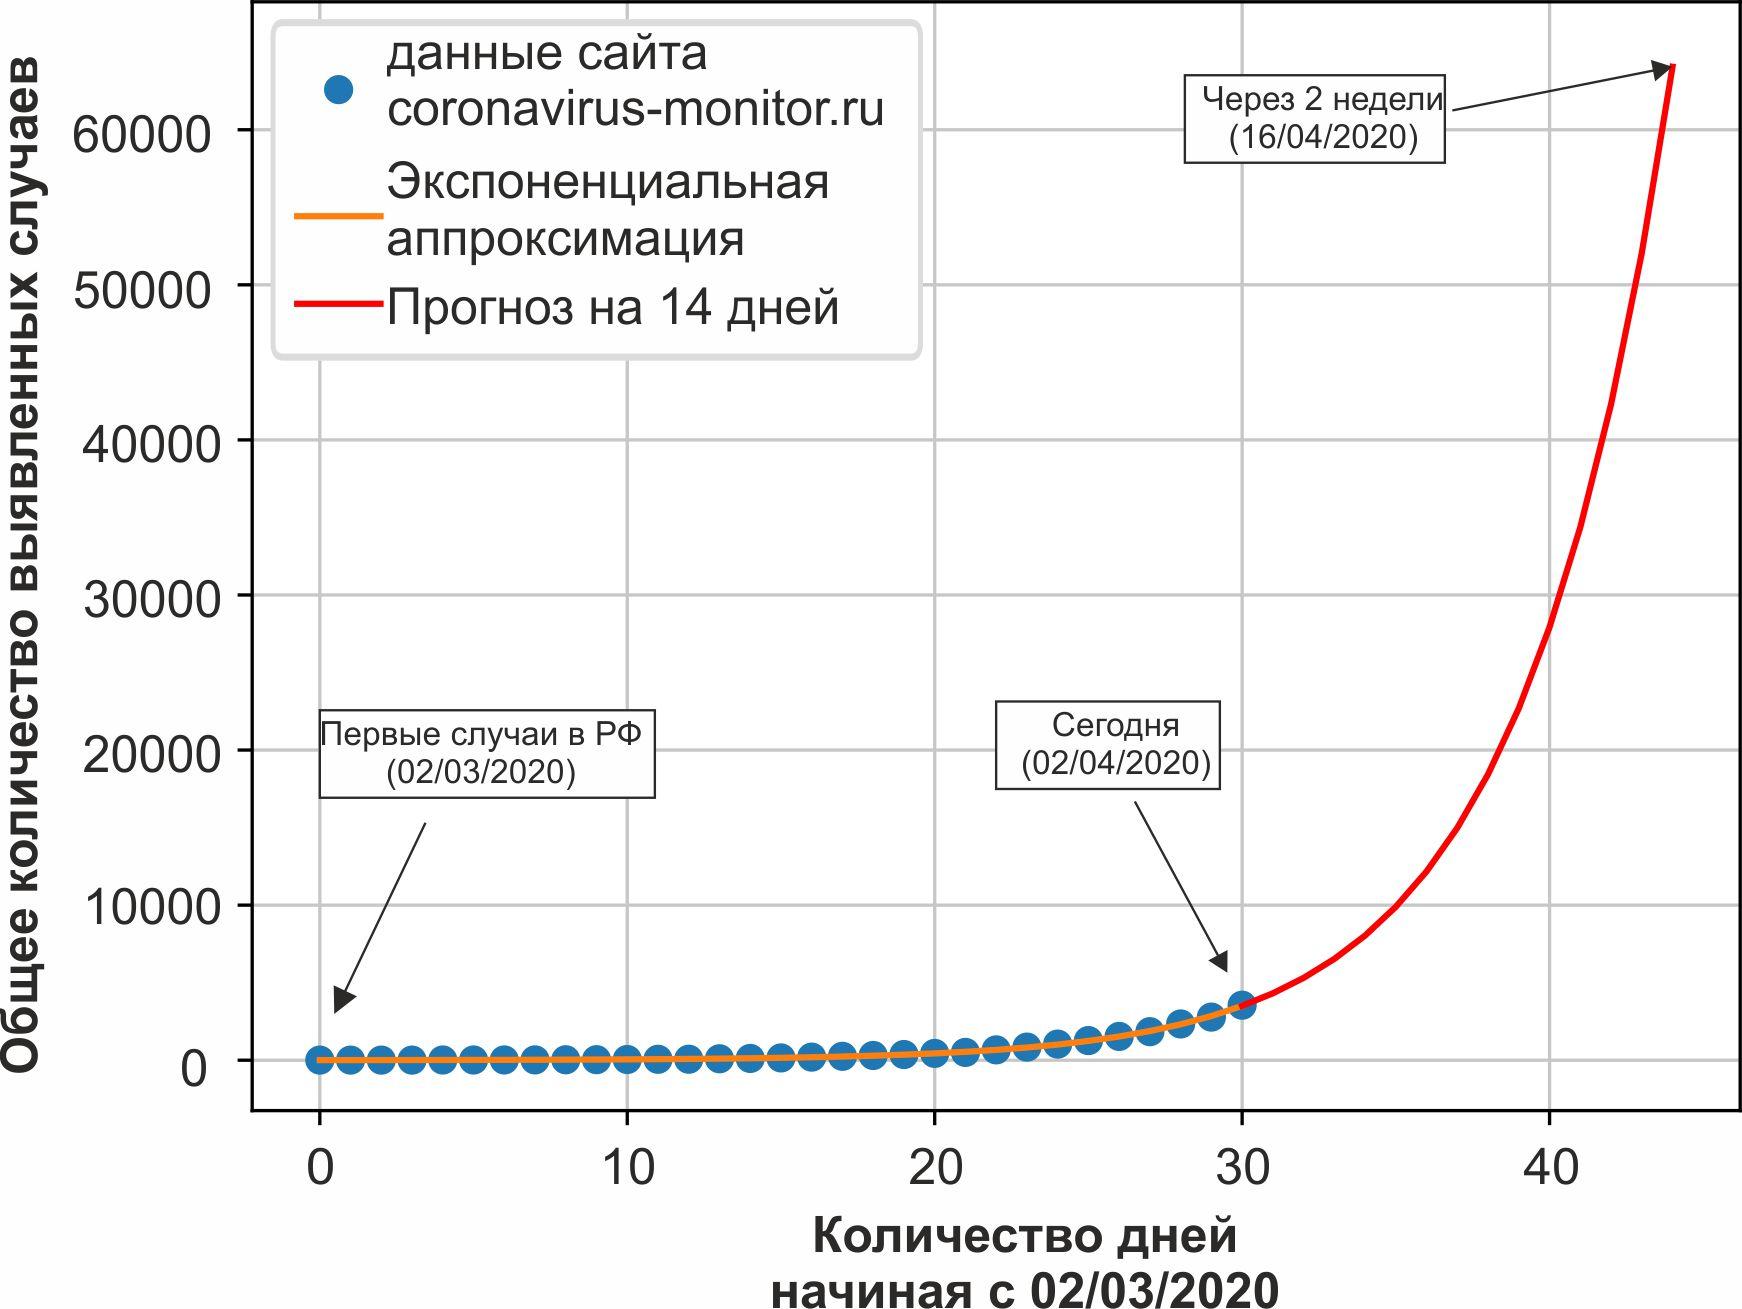 График имеющихся данных по коронавирусу со 2 марта 2020 года и экспоненциальная аппроксимация полученных данных